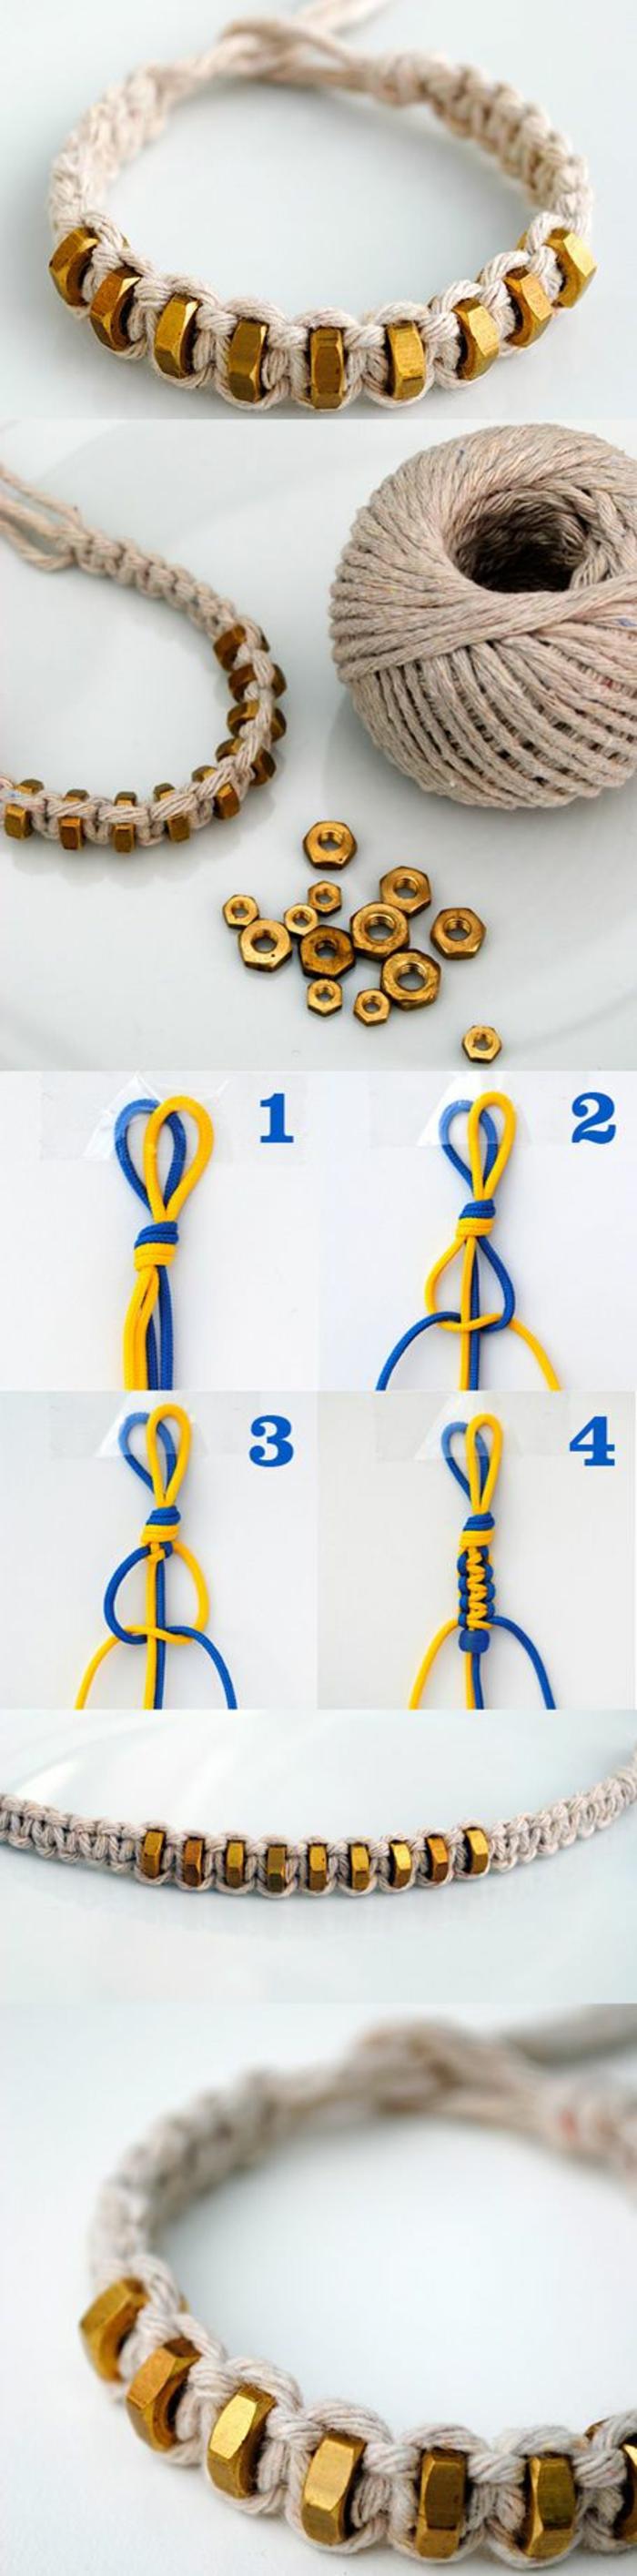 modèle de bracelet DIY avec cordelette, technique macramé pour faire ses bijoux, tuto noeuds macramé facile